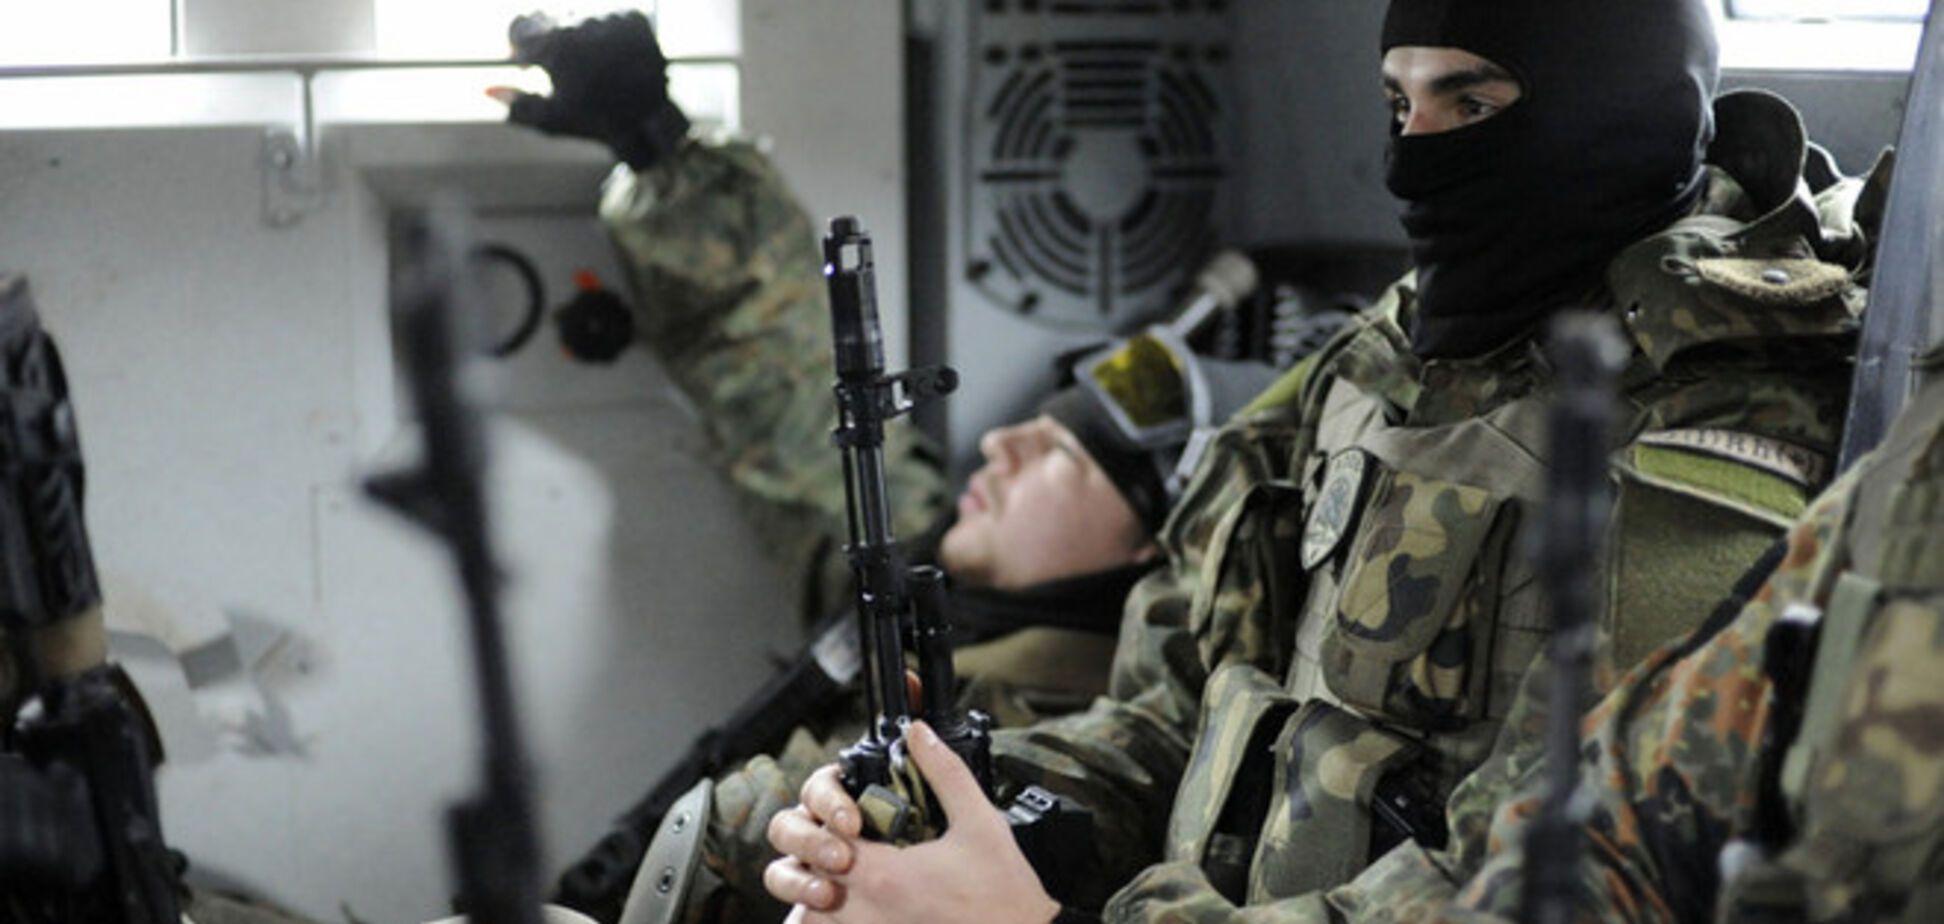 Штаб АТО уточнил данные о потерях на Донбассе за сутки